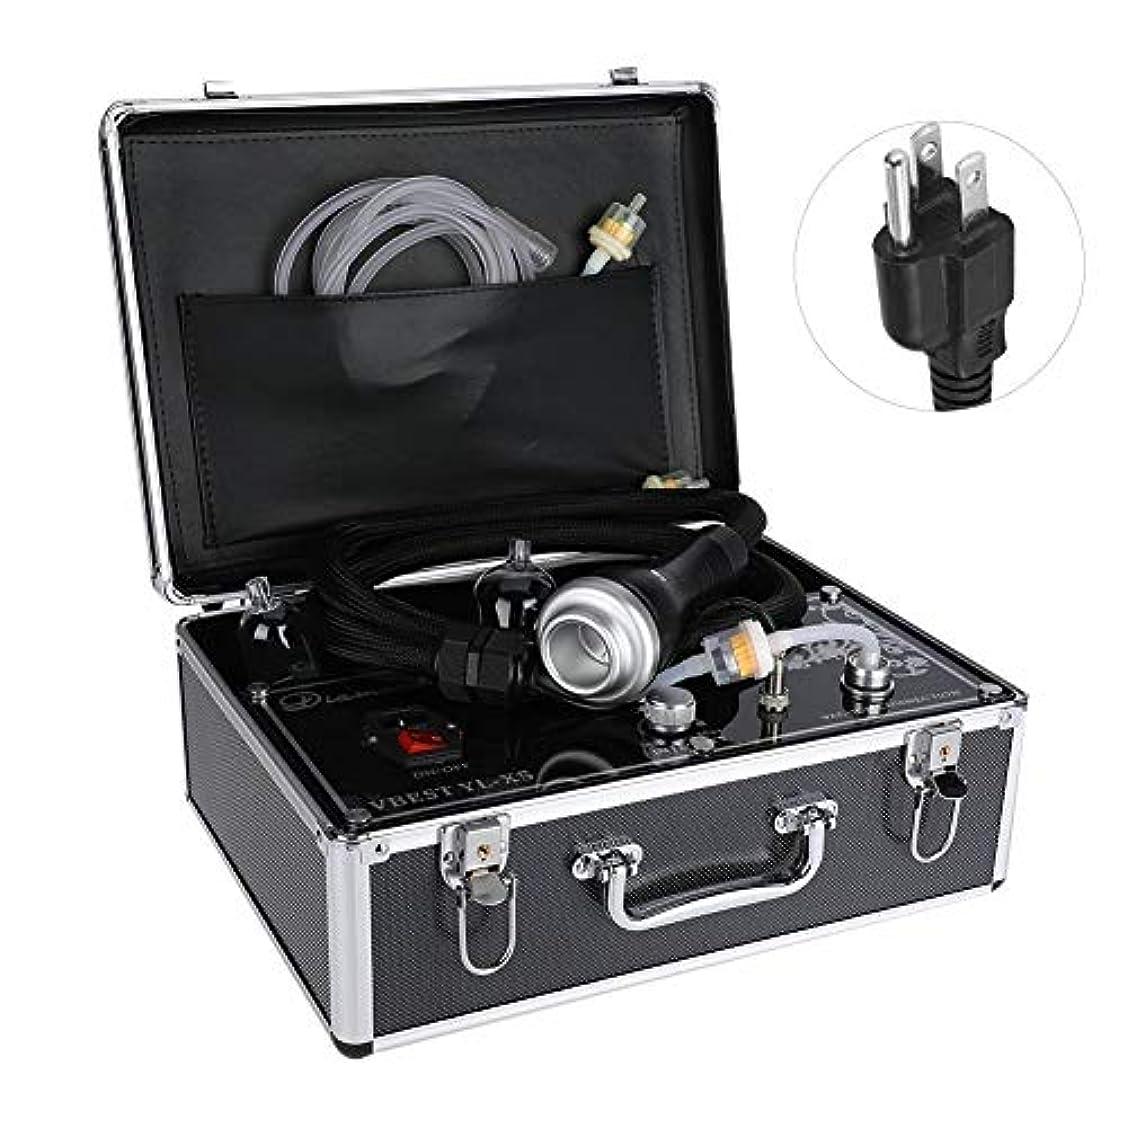 聞くフラップラッチ否定的な圧力マッサージャー、ボディ解毒の浚渫の痛みのための熱い圧縮のこするカッピング療法の電気マッサージャー(US Plug)